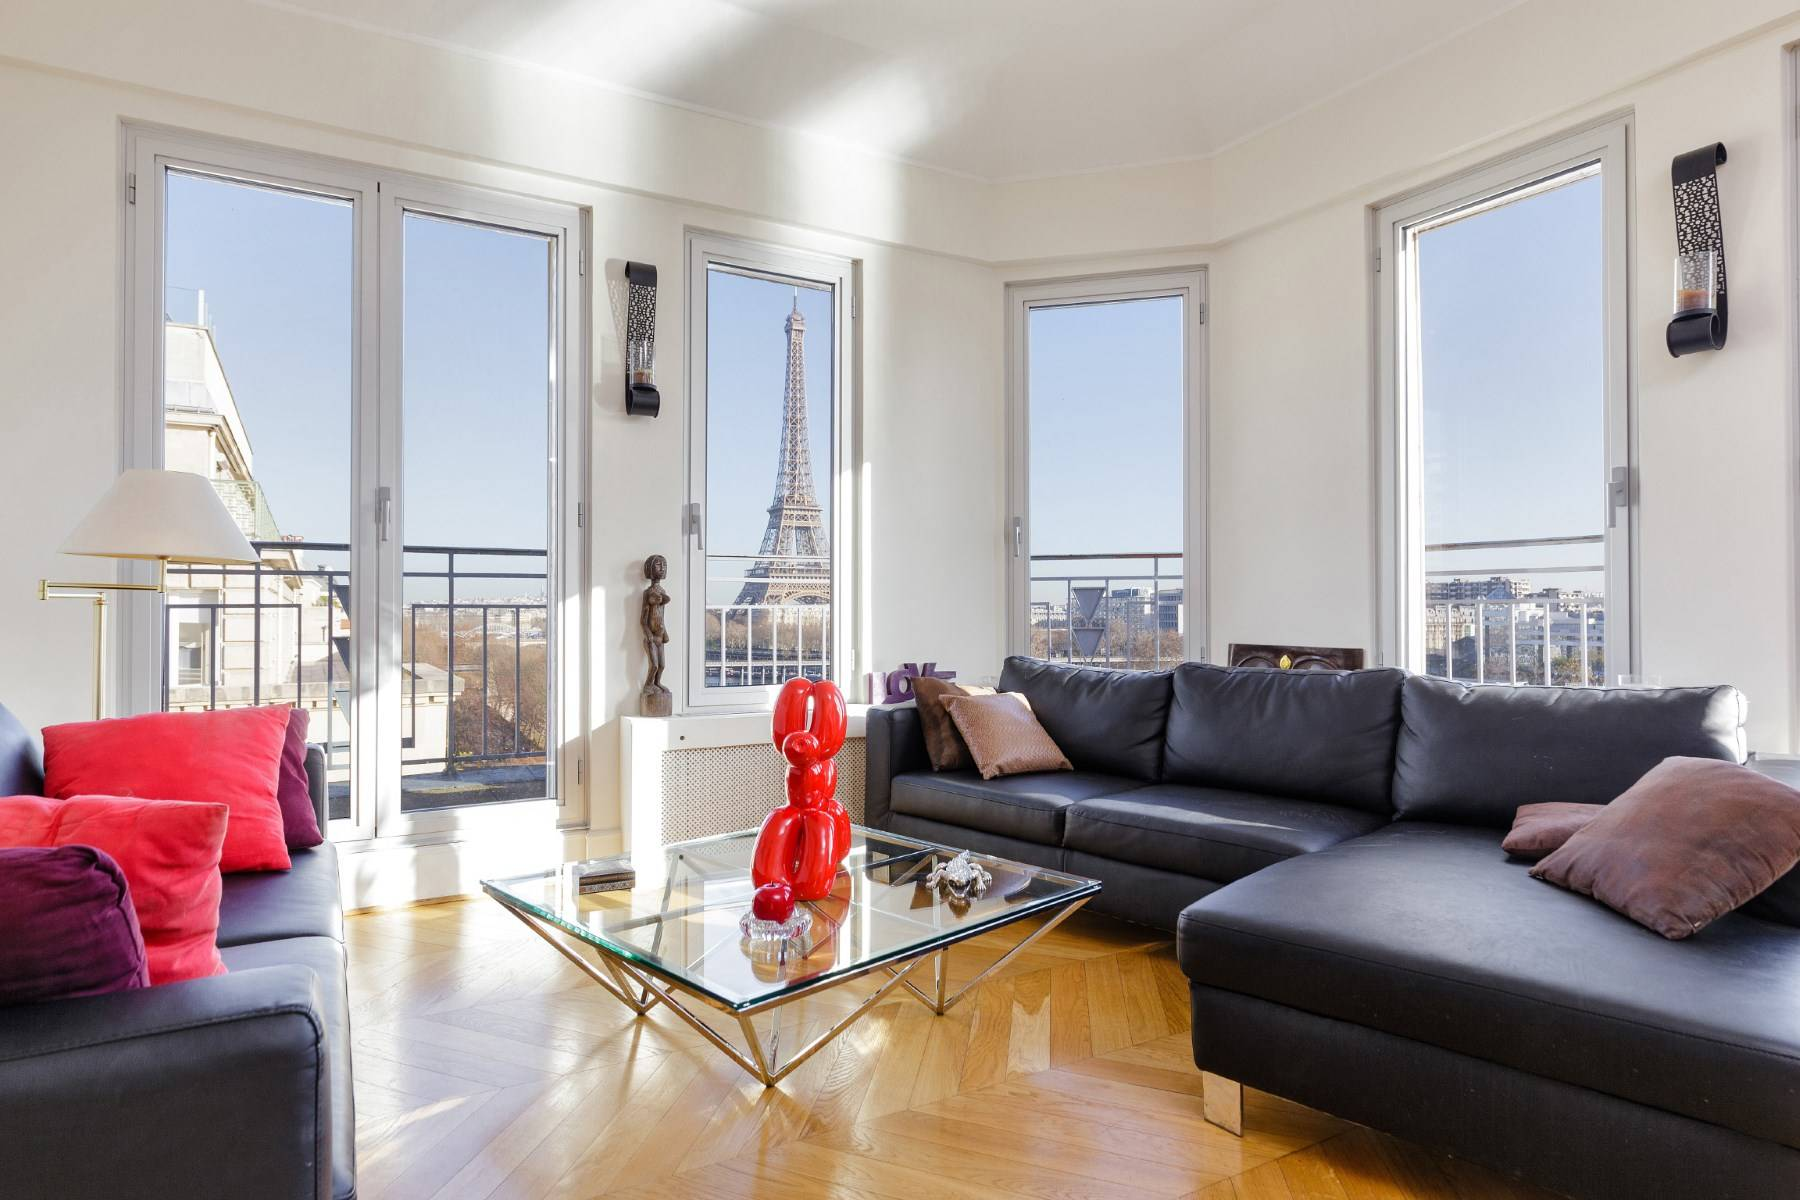 Как взять в аренду авто в париже - 2021